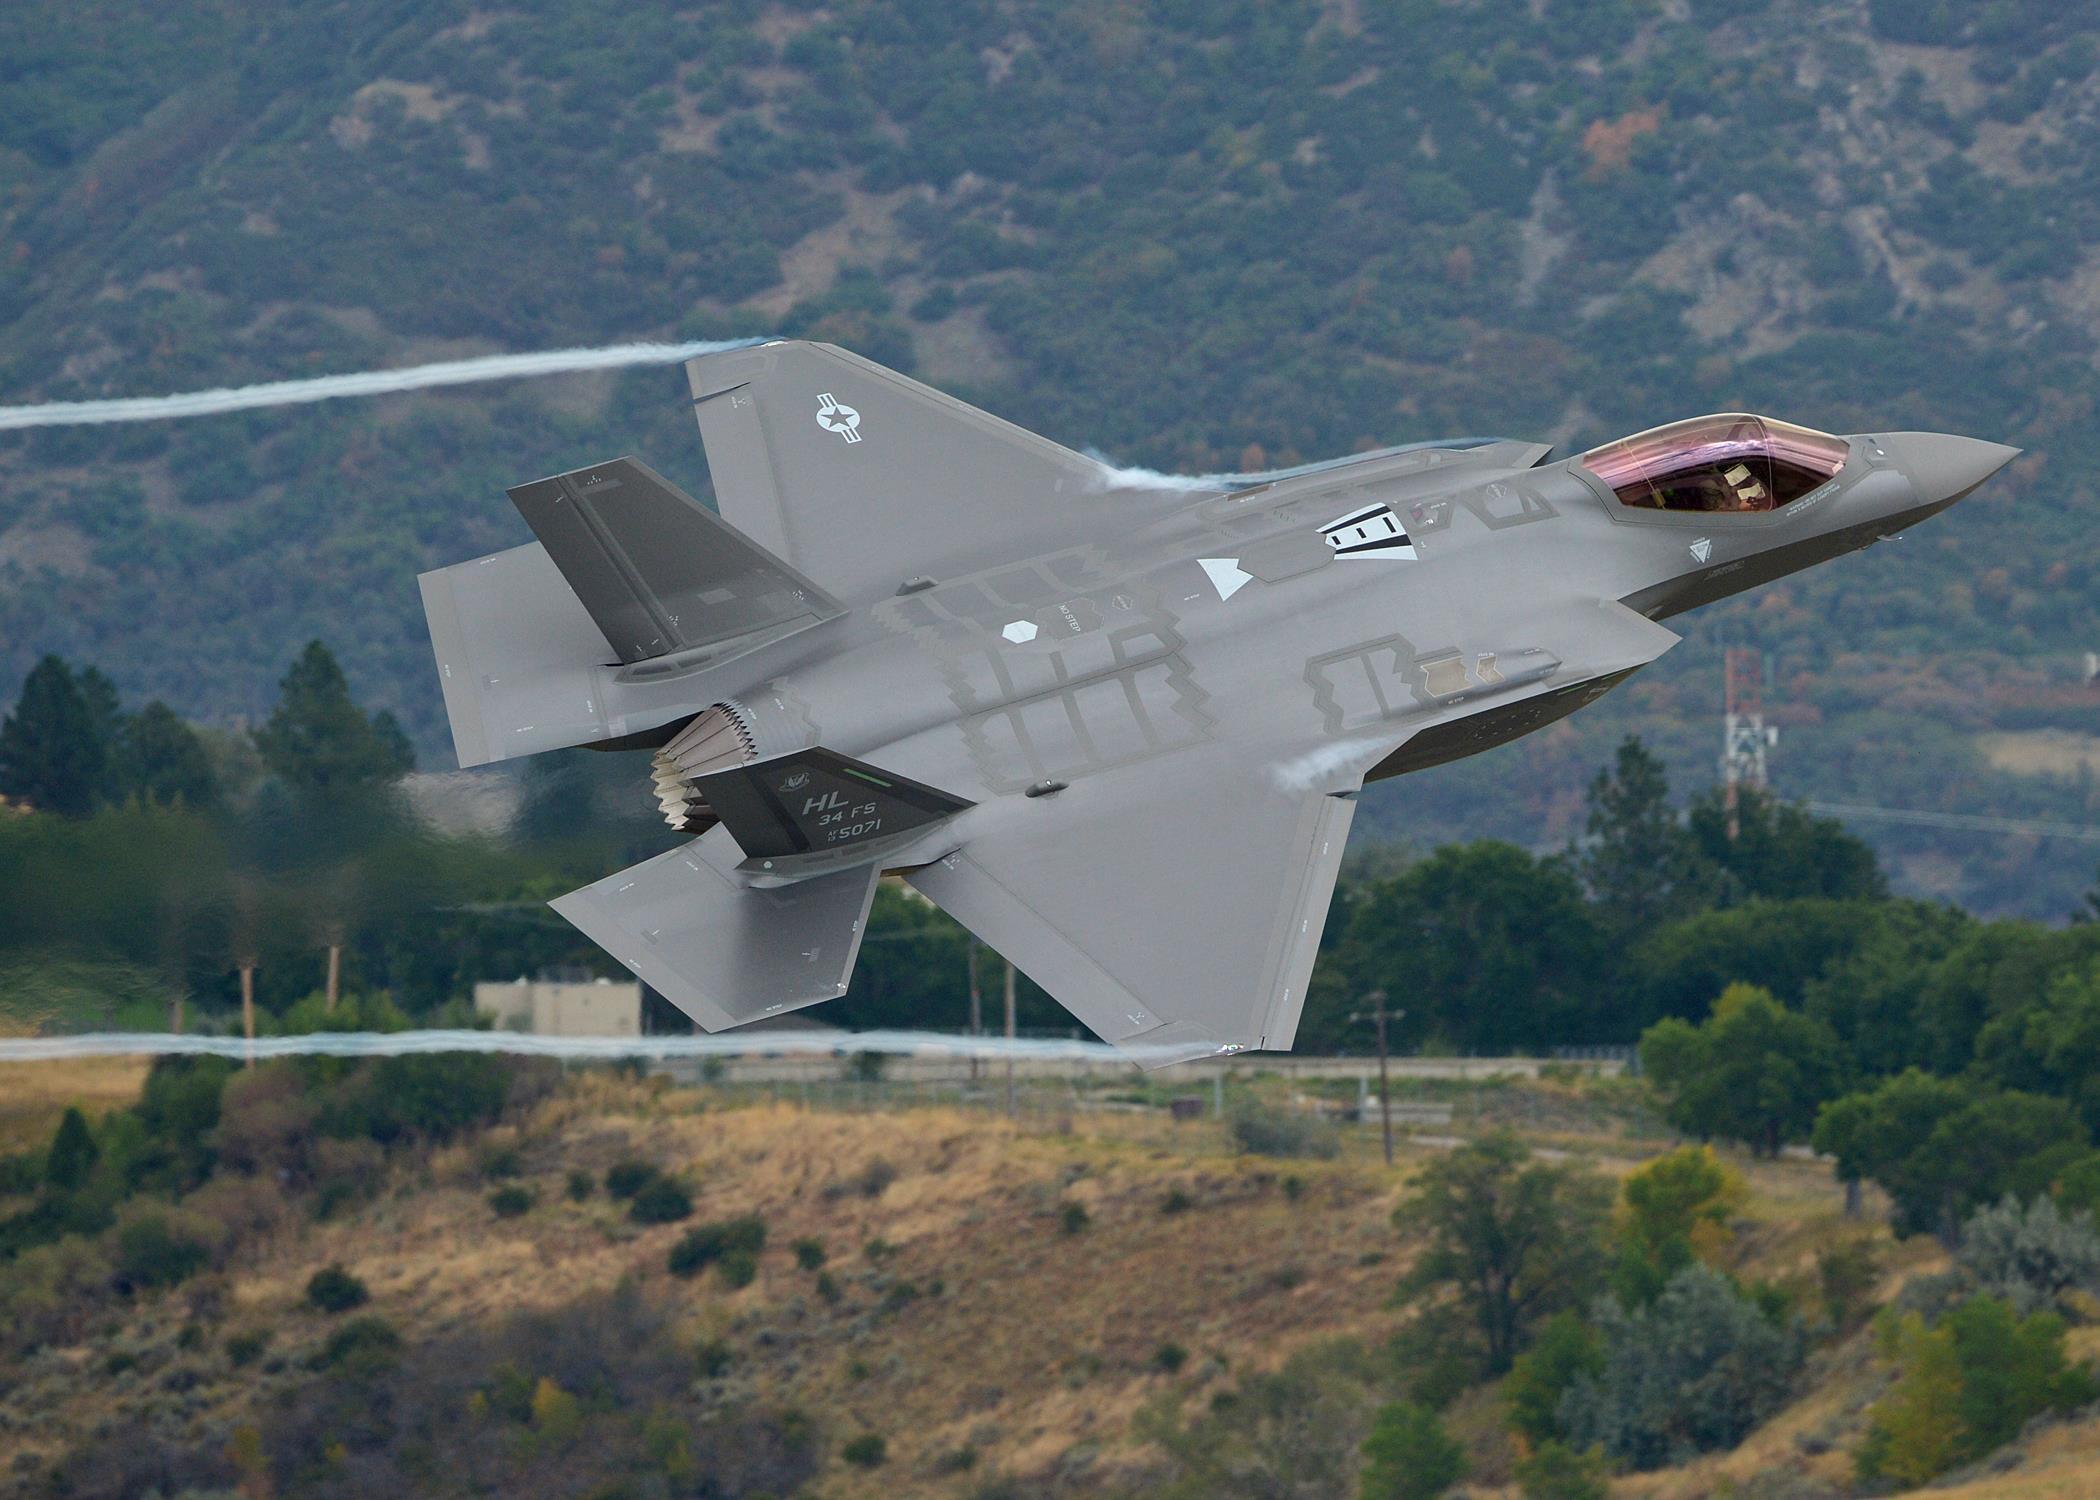 ��G�f�_2015年9月中旬,美国犹他州赫尔空军基地进行f-35a闪电ii第五代战机的